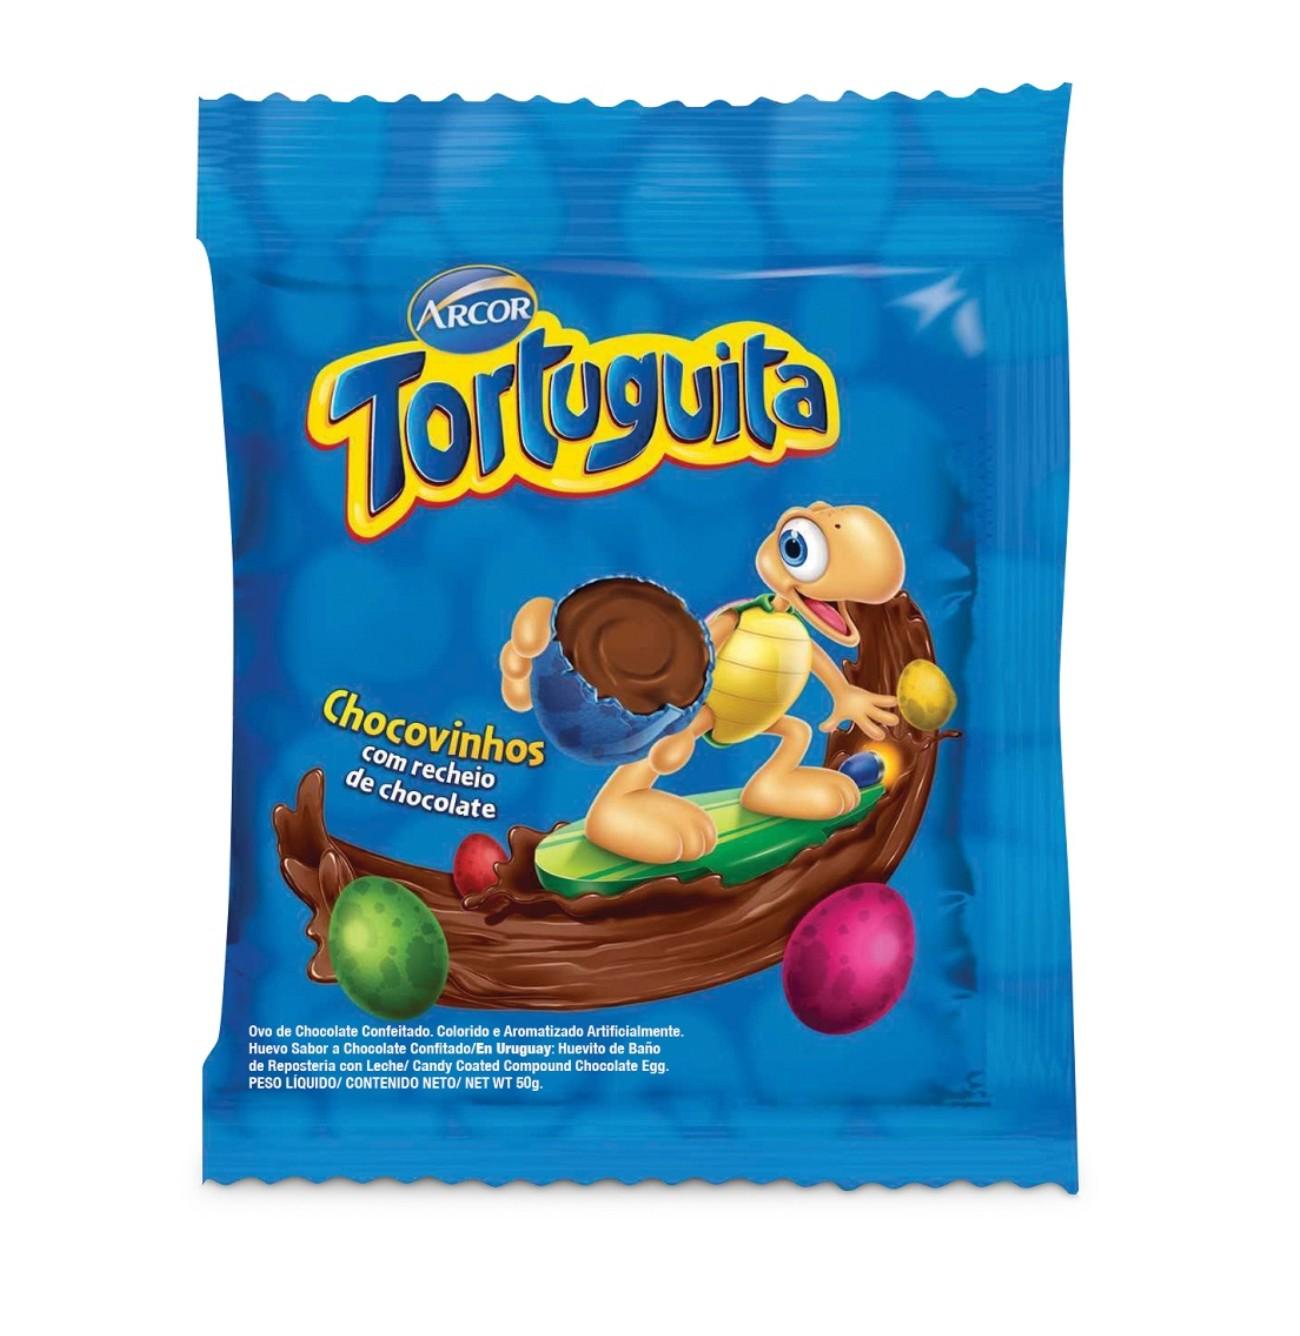 Display de Chocolate Confeitado Tortuguita Chocovinhos 50g (10 un/cada)